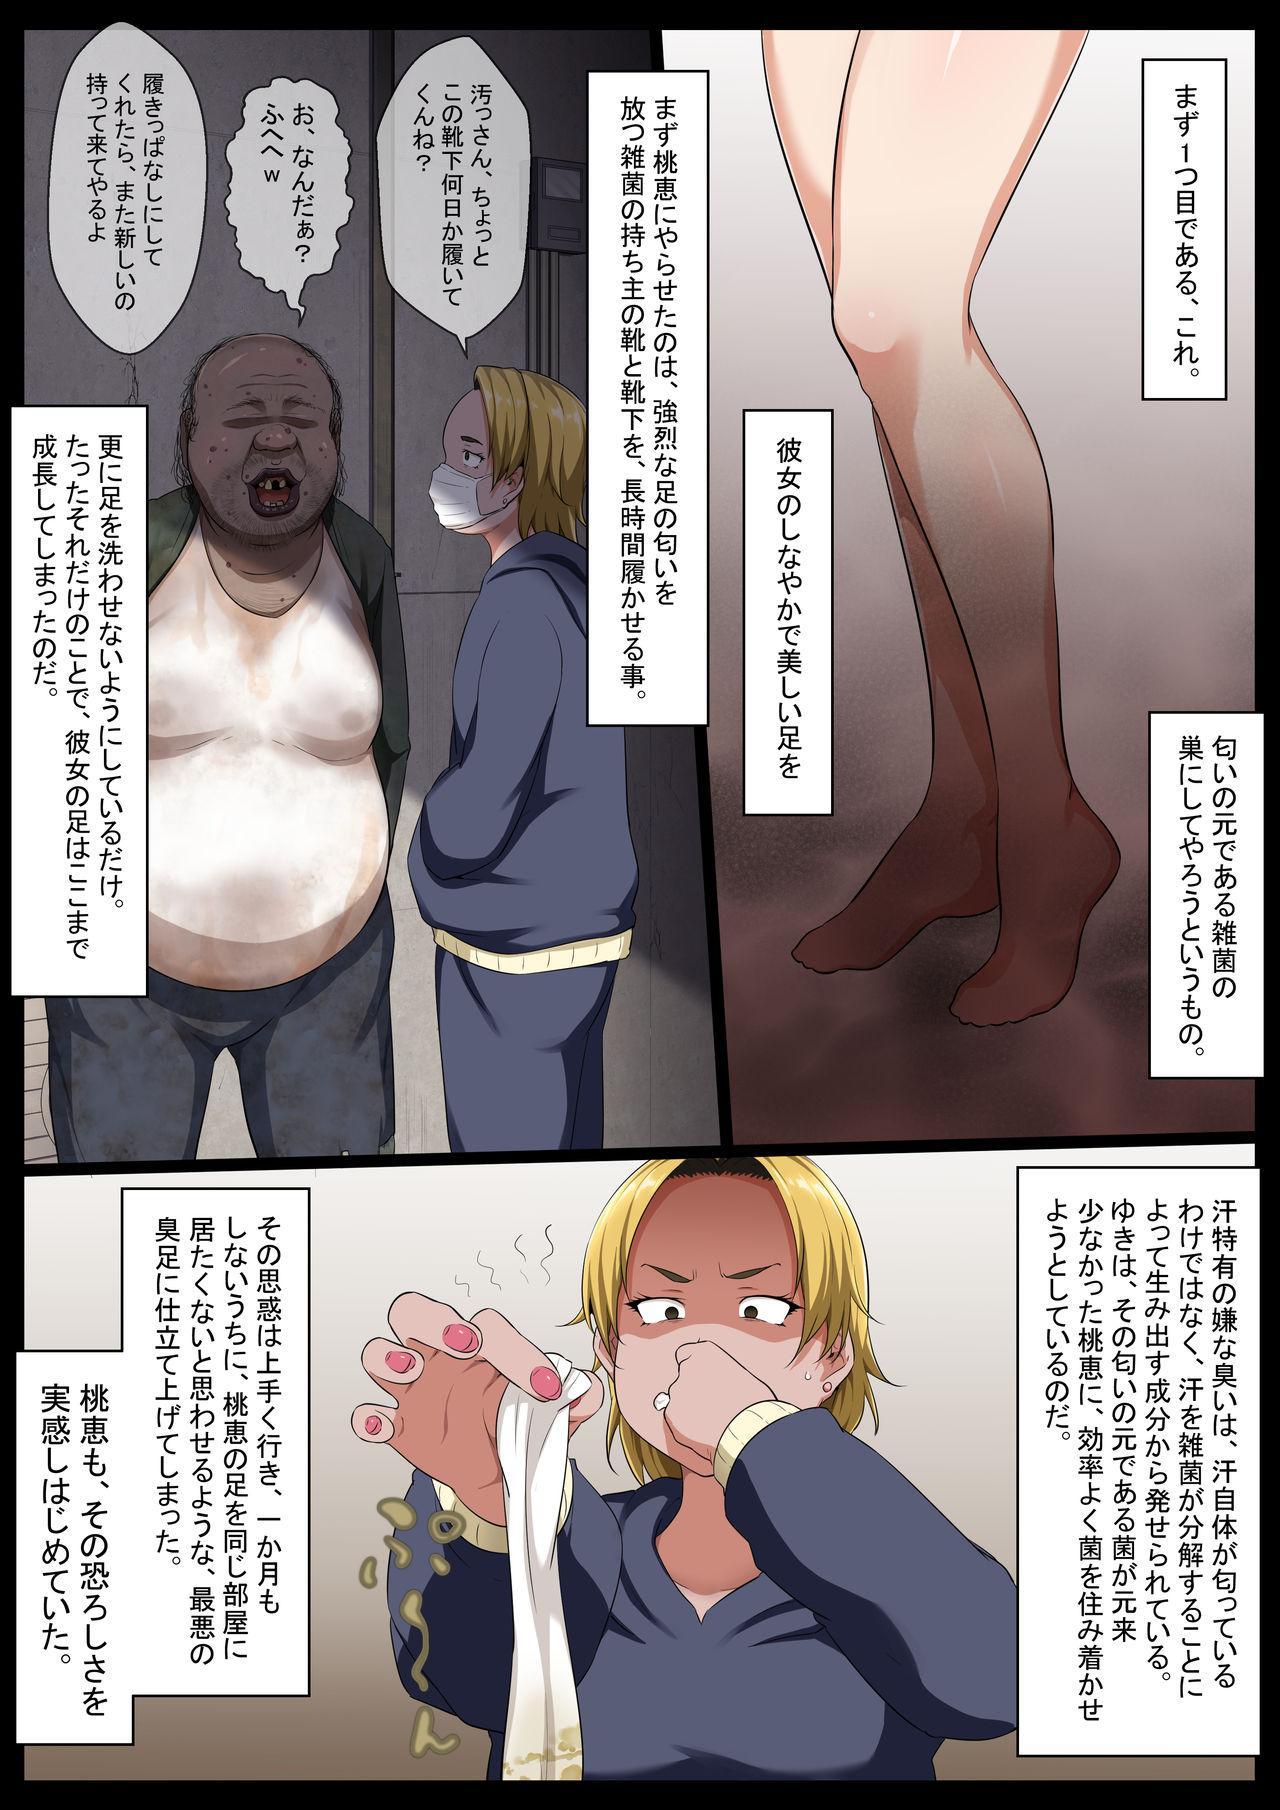 Seiseki Yuushuu na Iinchou ga Teihen Gyaru ni Sakaurami Sarerurashii yo 12